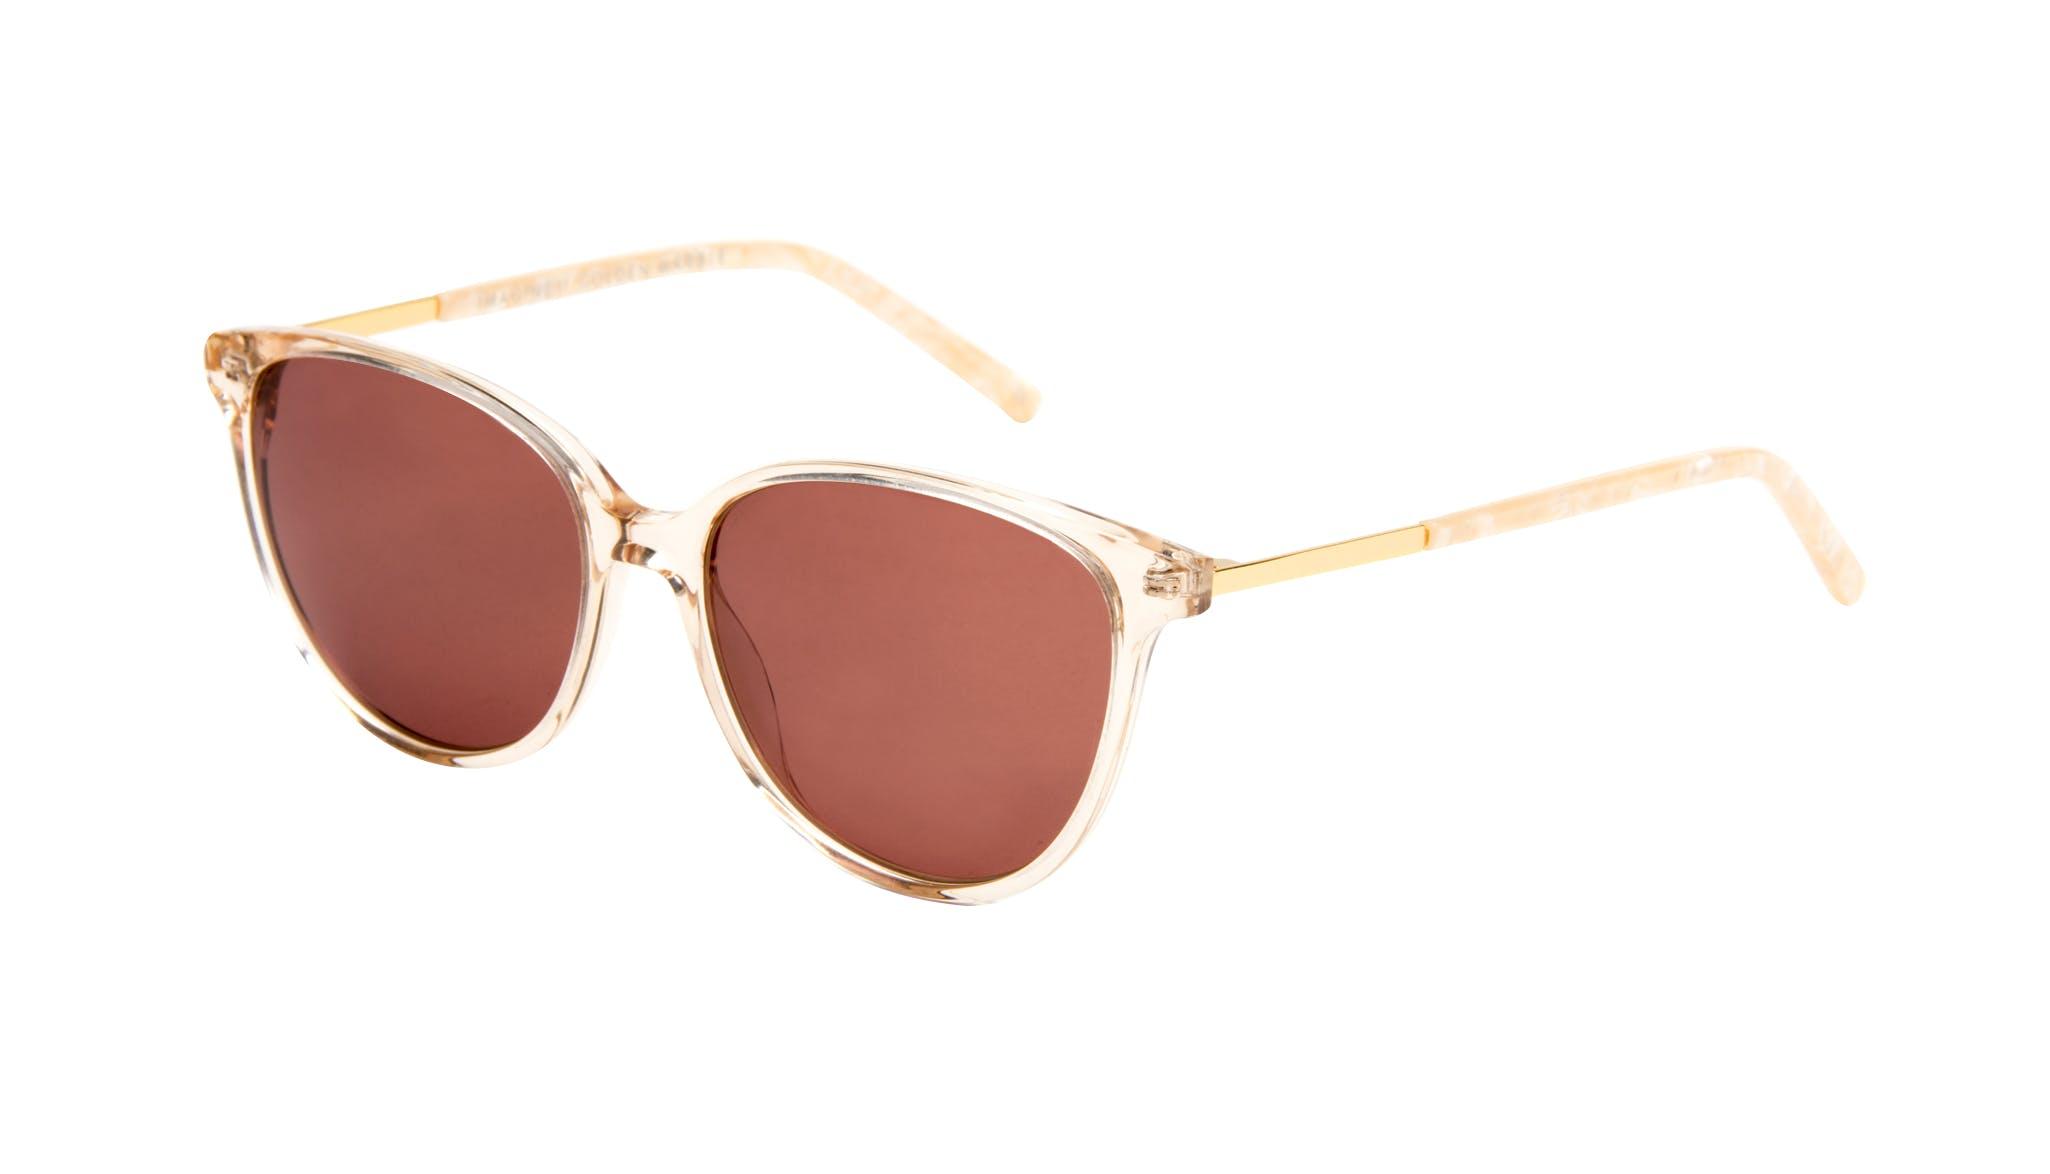 Affordable Fashion Glasses Cat Eye Sunglasses Women Imagine II Golden Marble Tilt